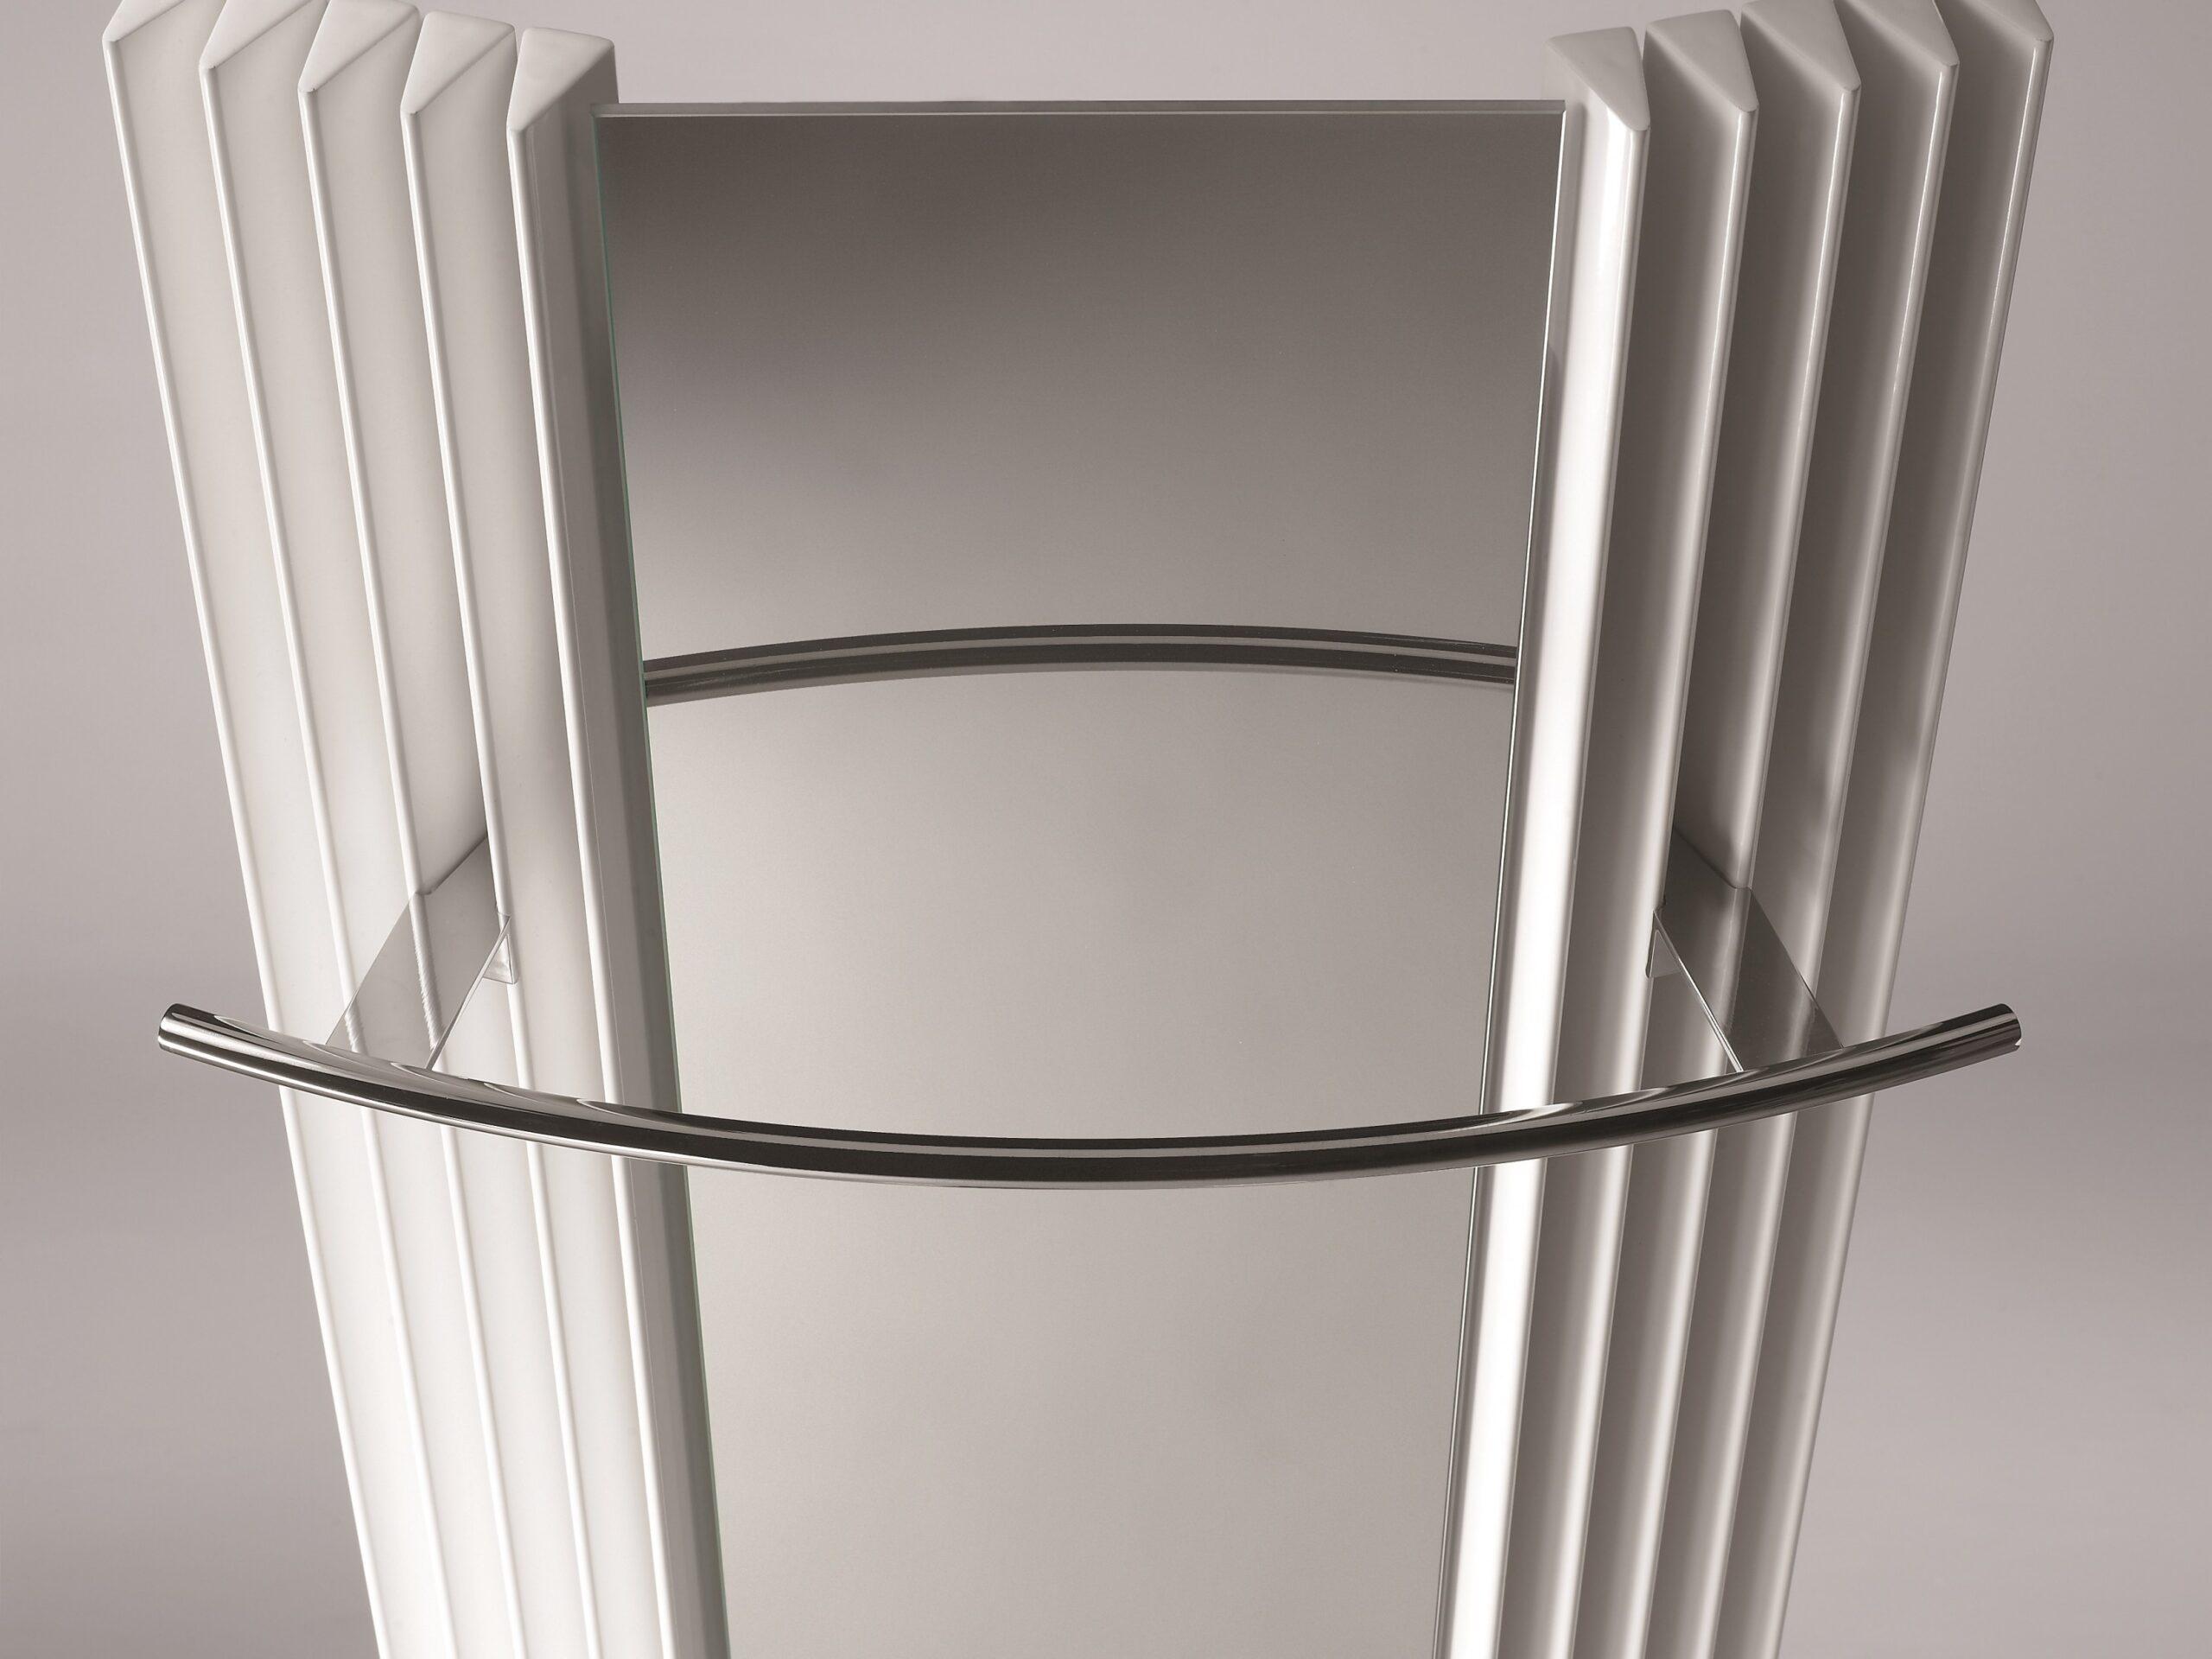 Full Size of Heizkörper Badezimmer Für Bad Wohnzimmer Handtuchhalter Küche Elektroheizkörper Wohnzimmer Handtuchhalter Heizkörper